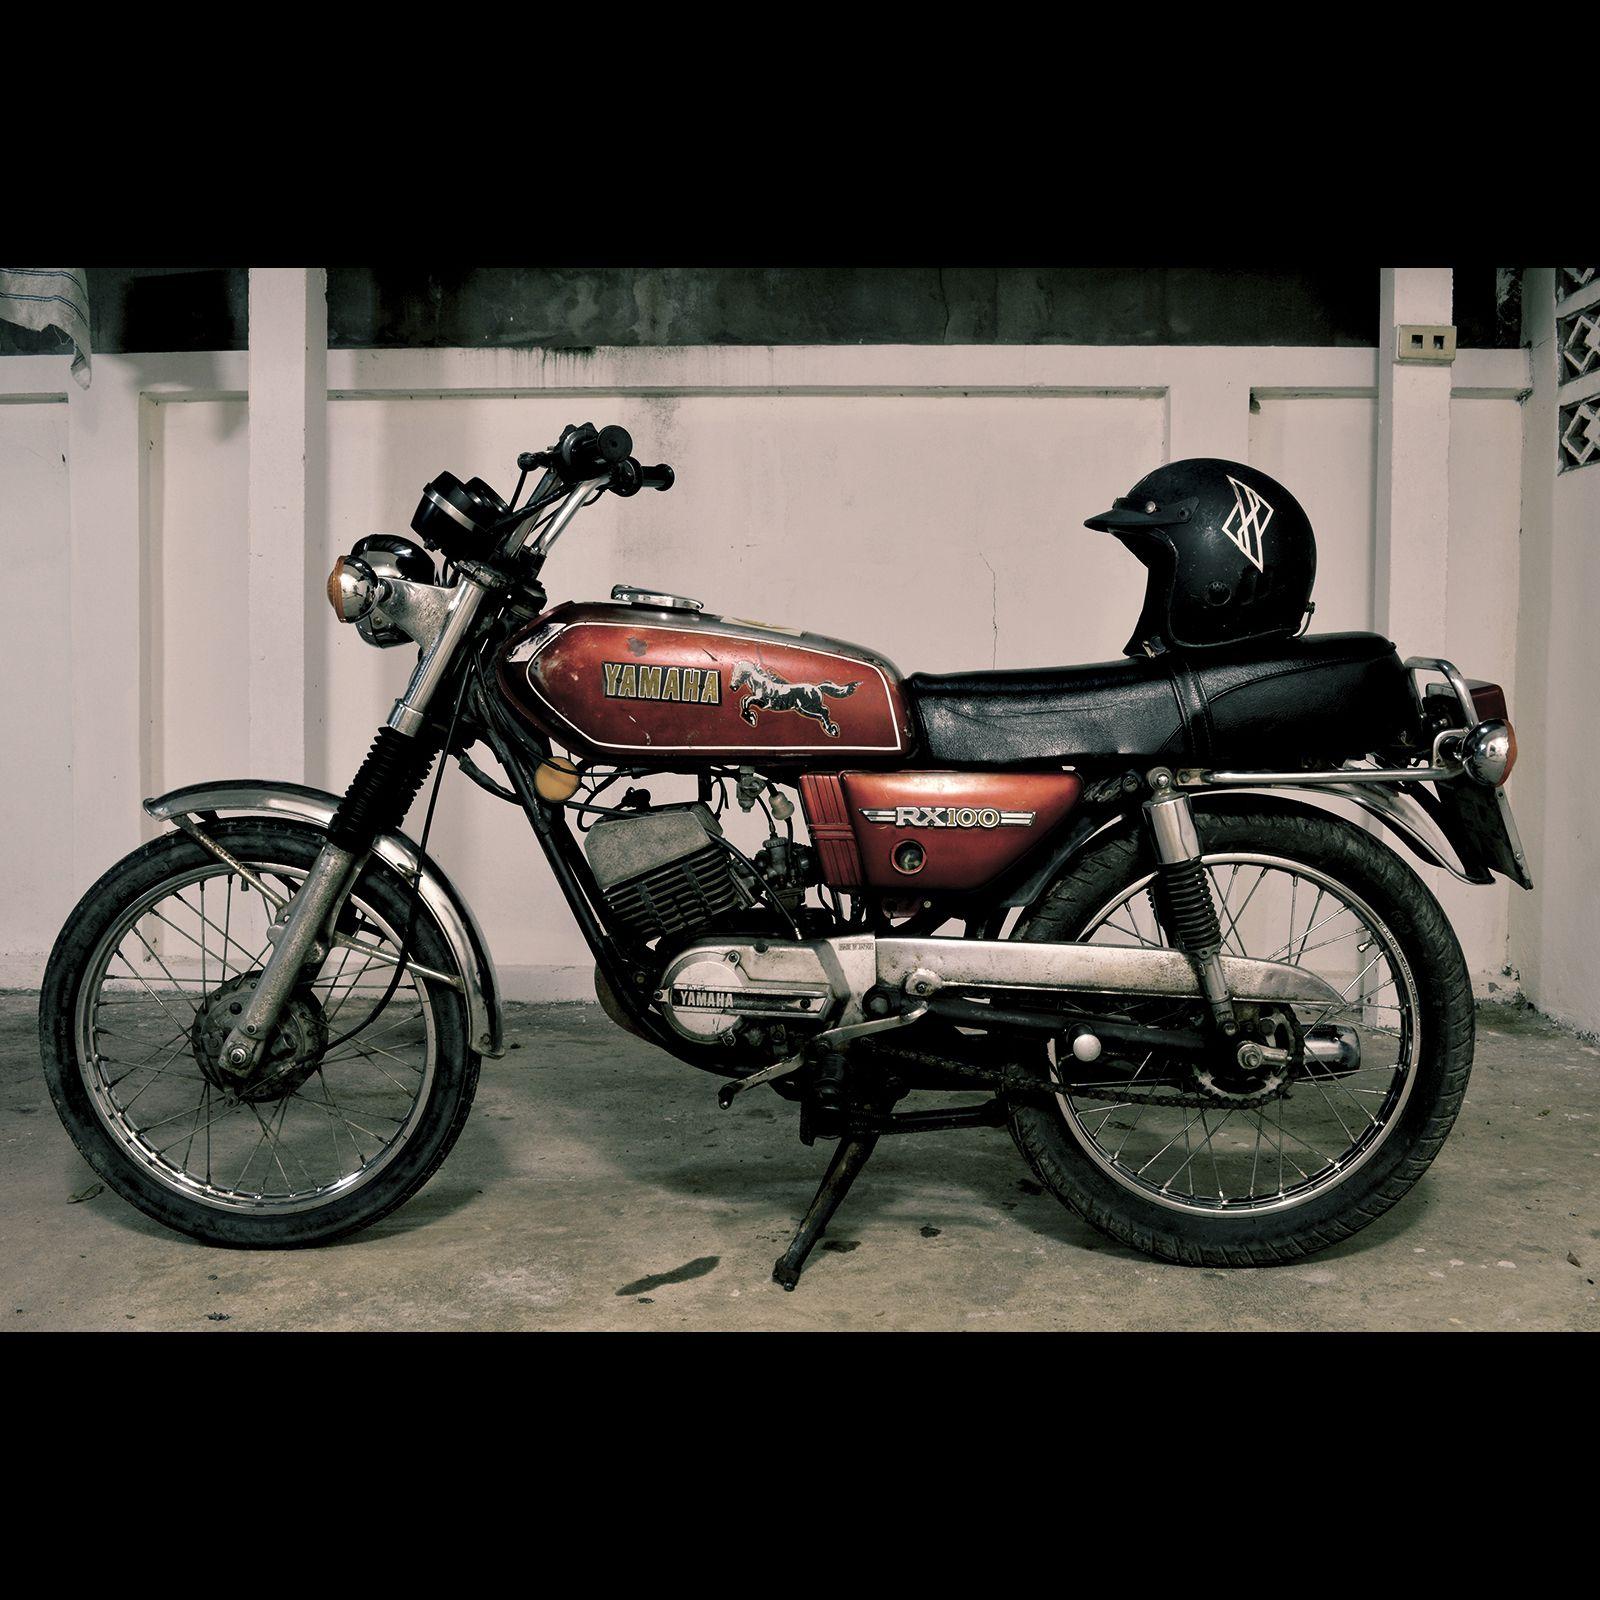 Yamaha Rx100 Yamaha Yamaharx100